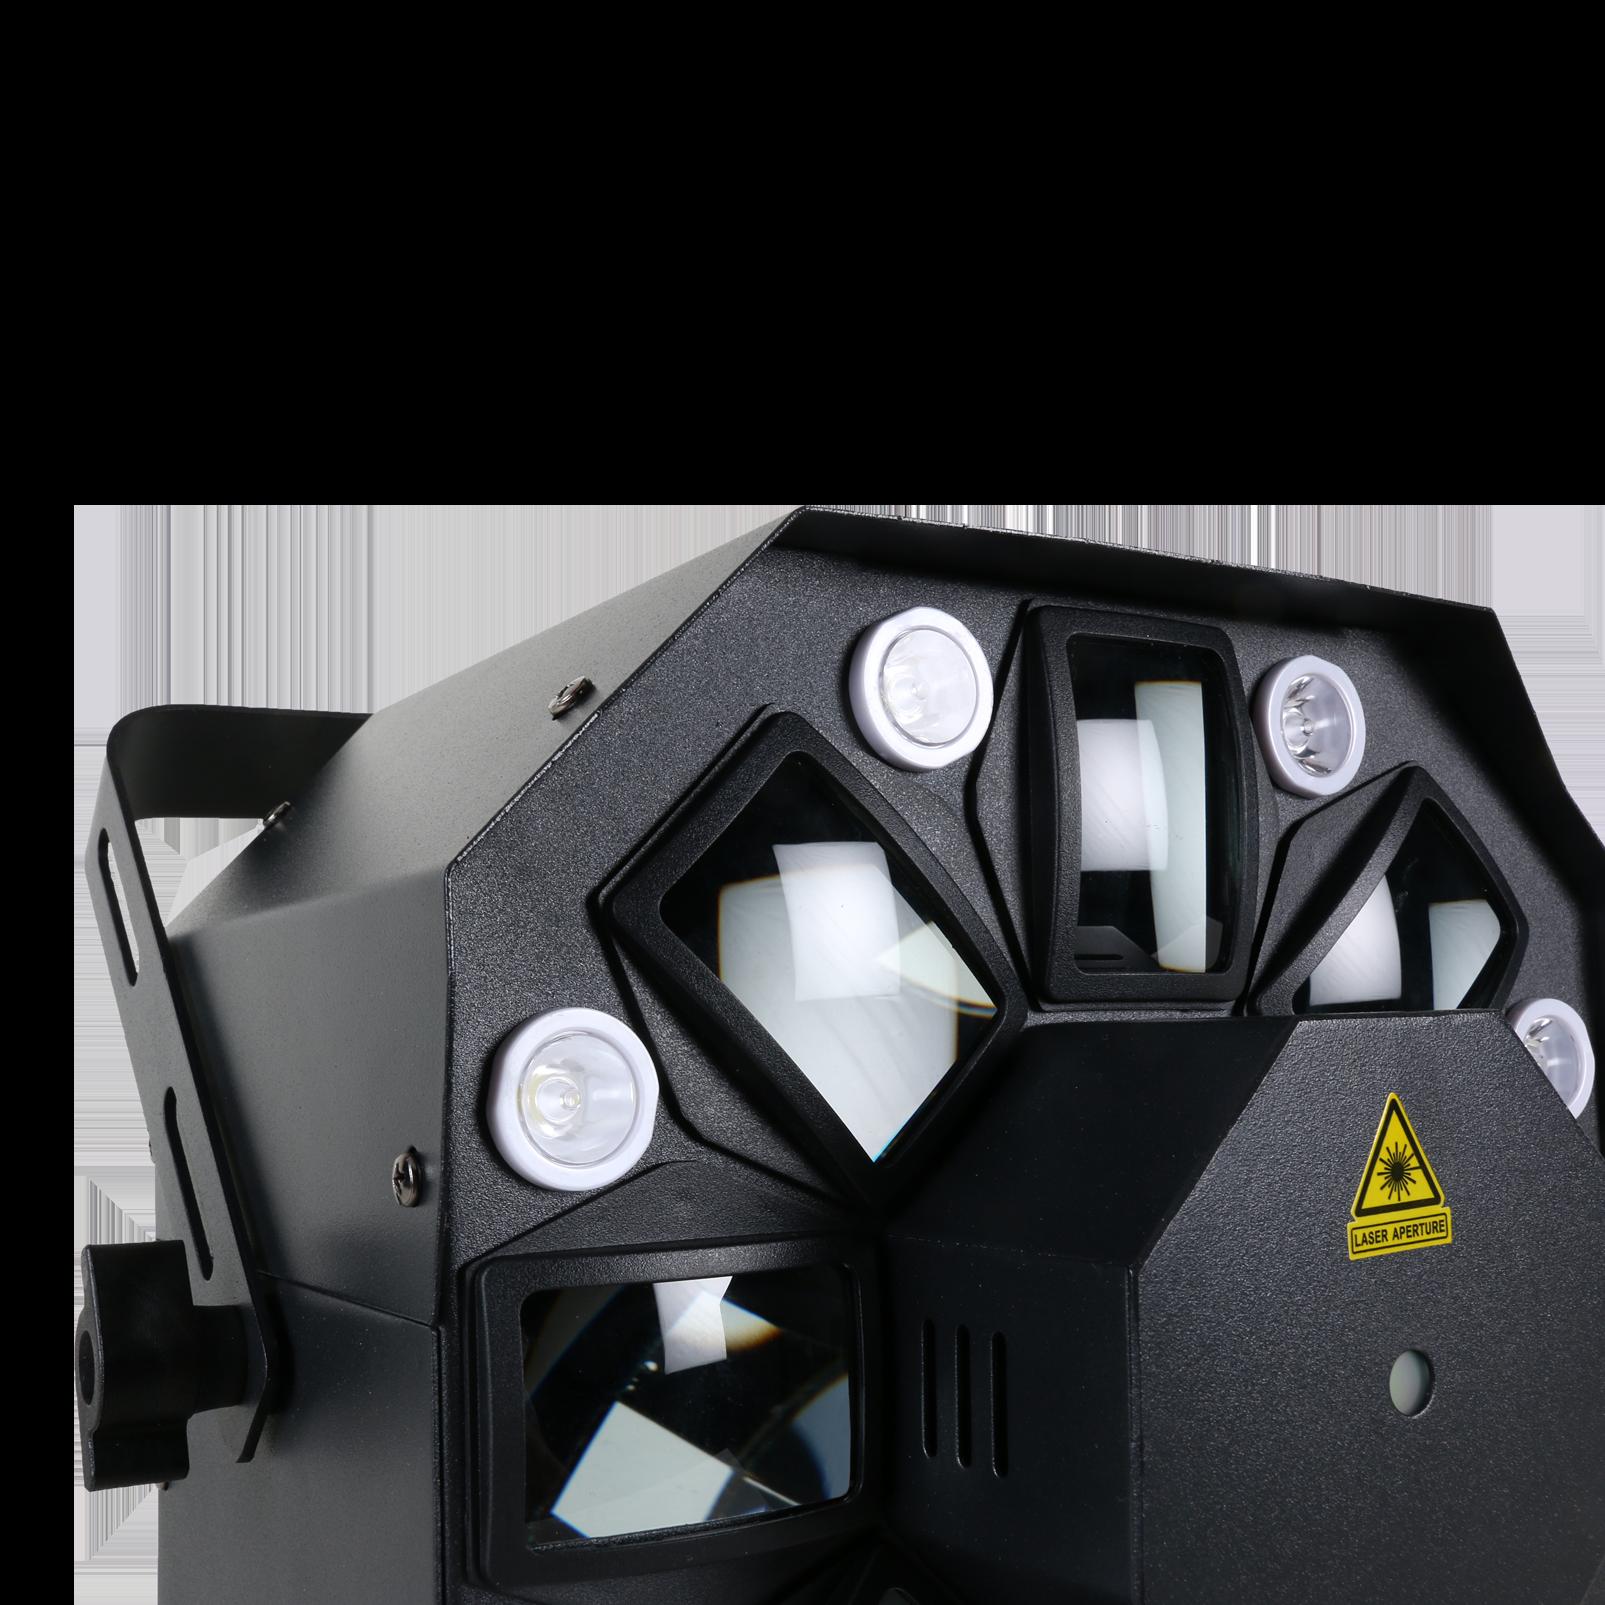 THRILL Multi-FX LED (B-Stock) - Black - Hybrid effect light—multibeam, laser, strobe - Detailshot 2